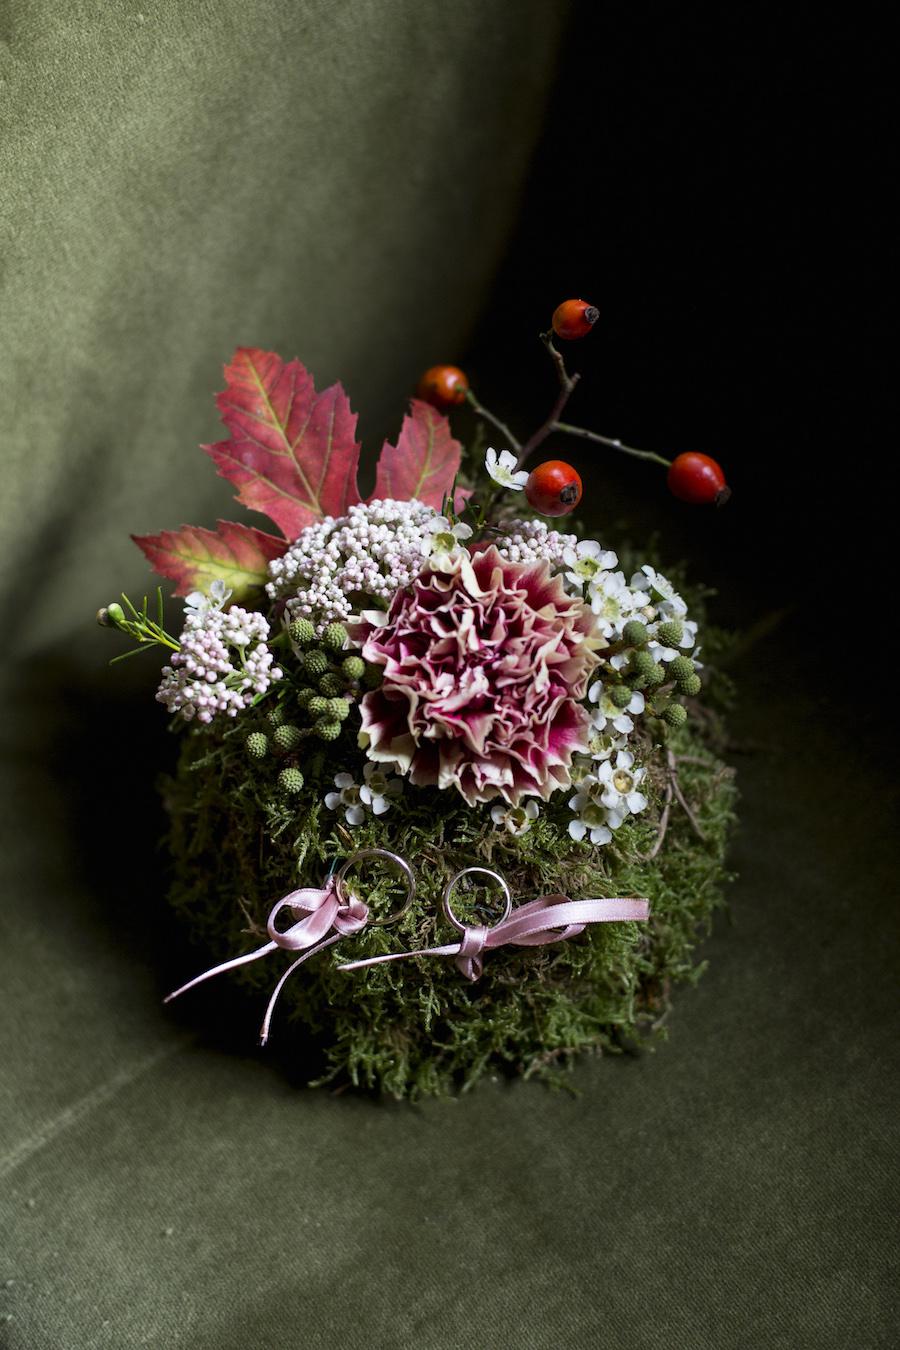 porta fedi con muschio e foglie autunnali